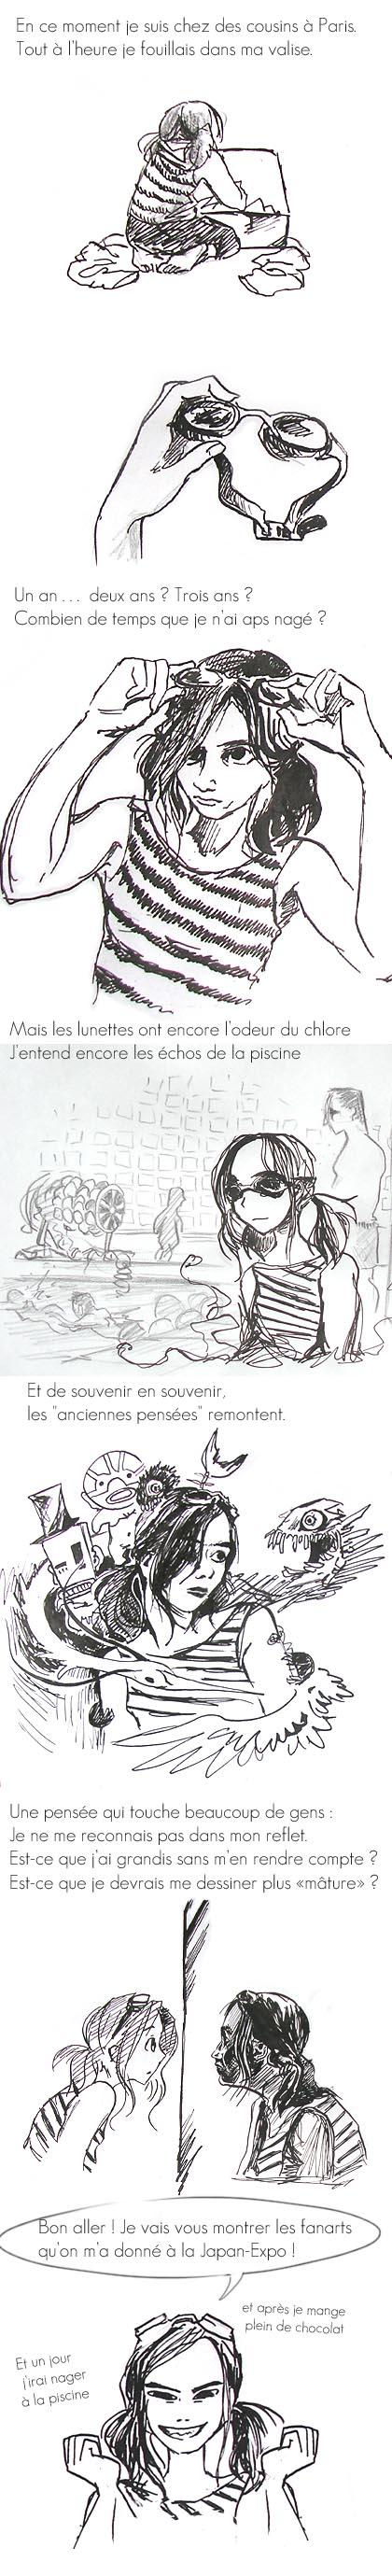 http://hildebear.cowblog.fr/images/striplunettepiscine.jpg